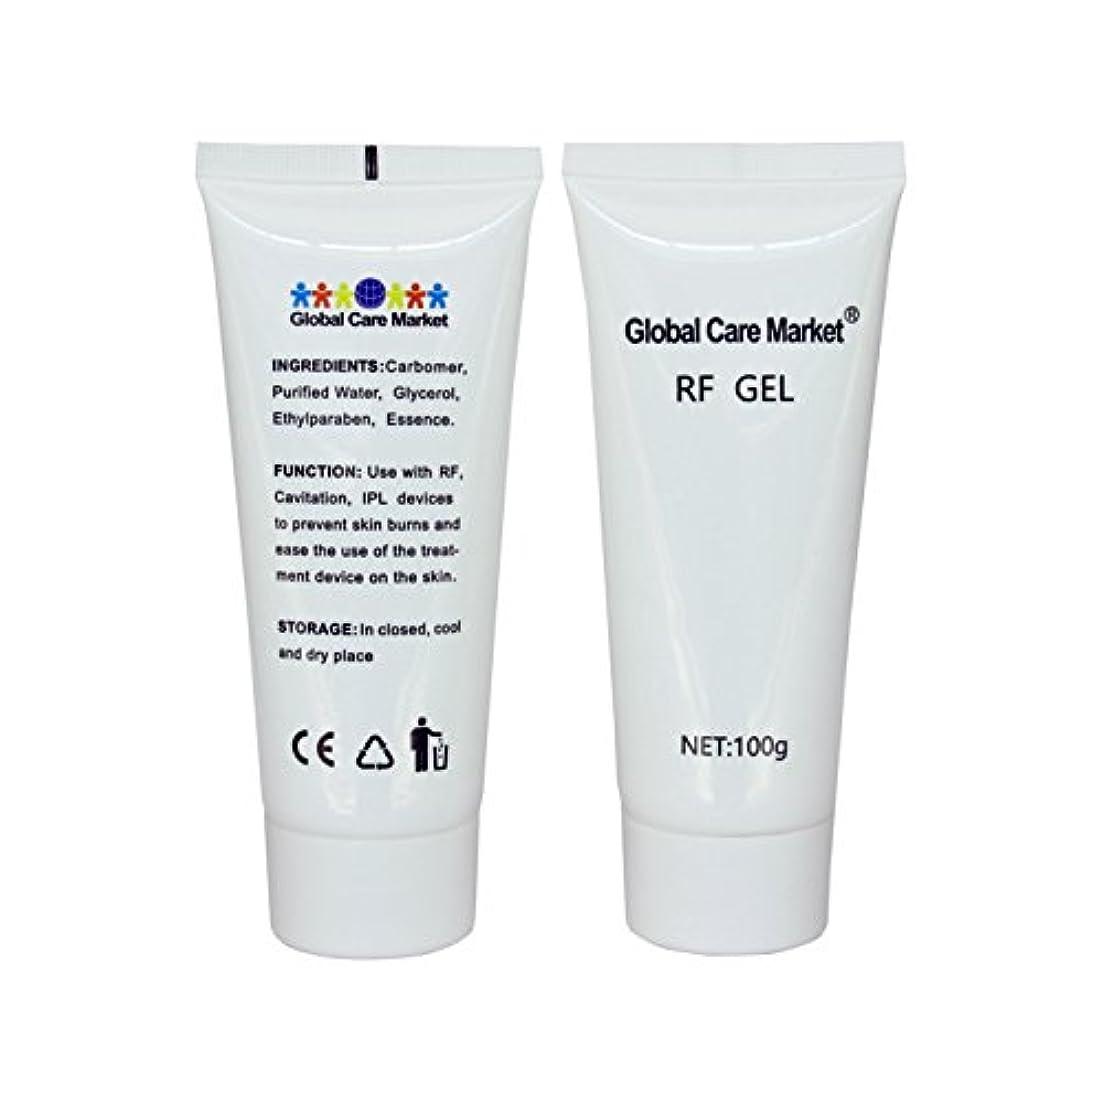 タバコ第二腹RF GEL(2 Pack) - 高周波治療装置に使用する皮膚冷却および潤滑です